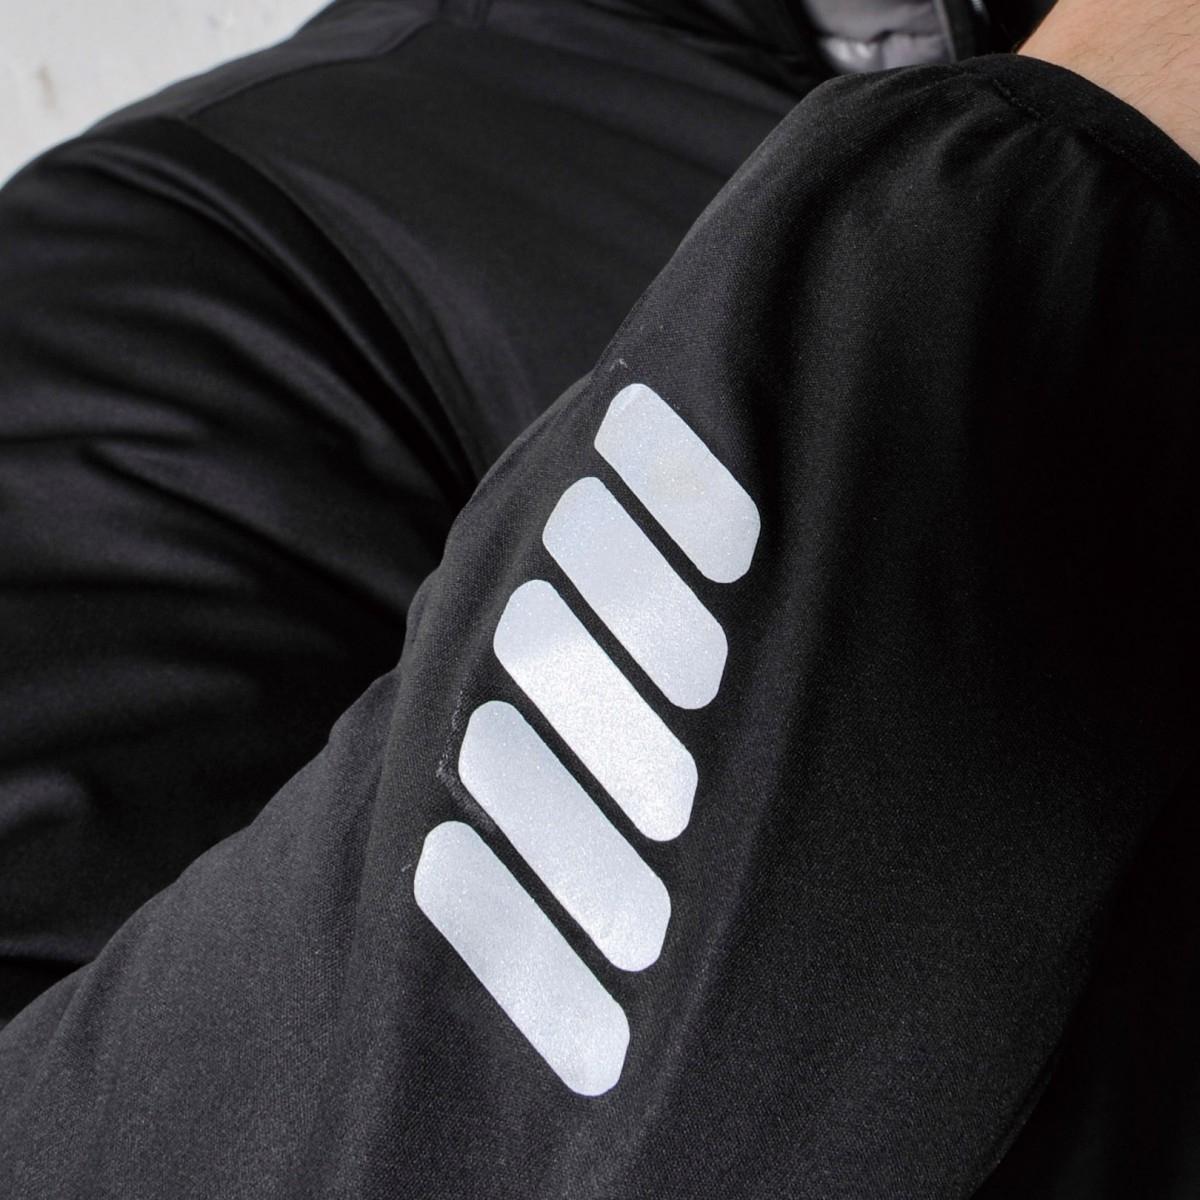 TS DESIGN  6626 防風ストレッチライトウォームジャケット 袖に反射テープを採用。視認性が高い商品です。